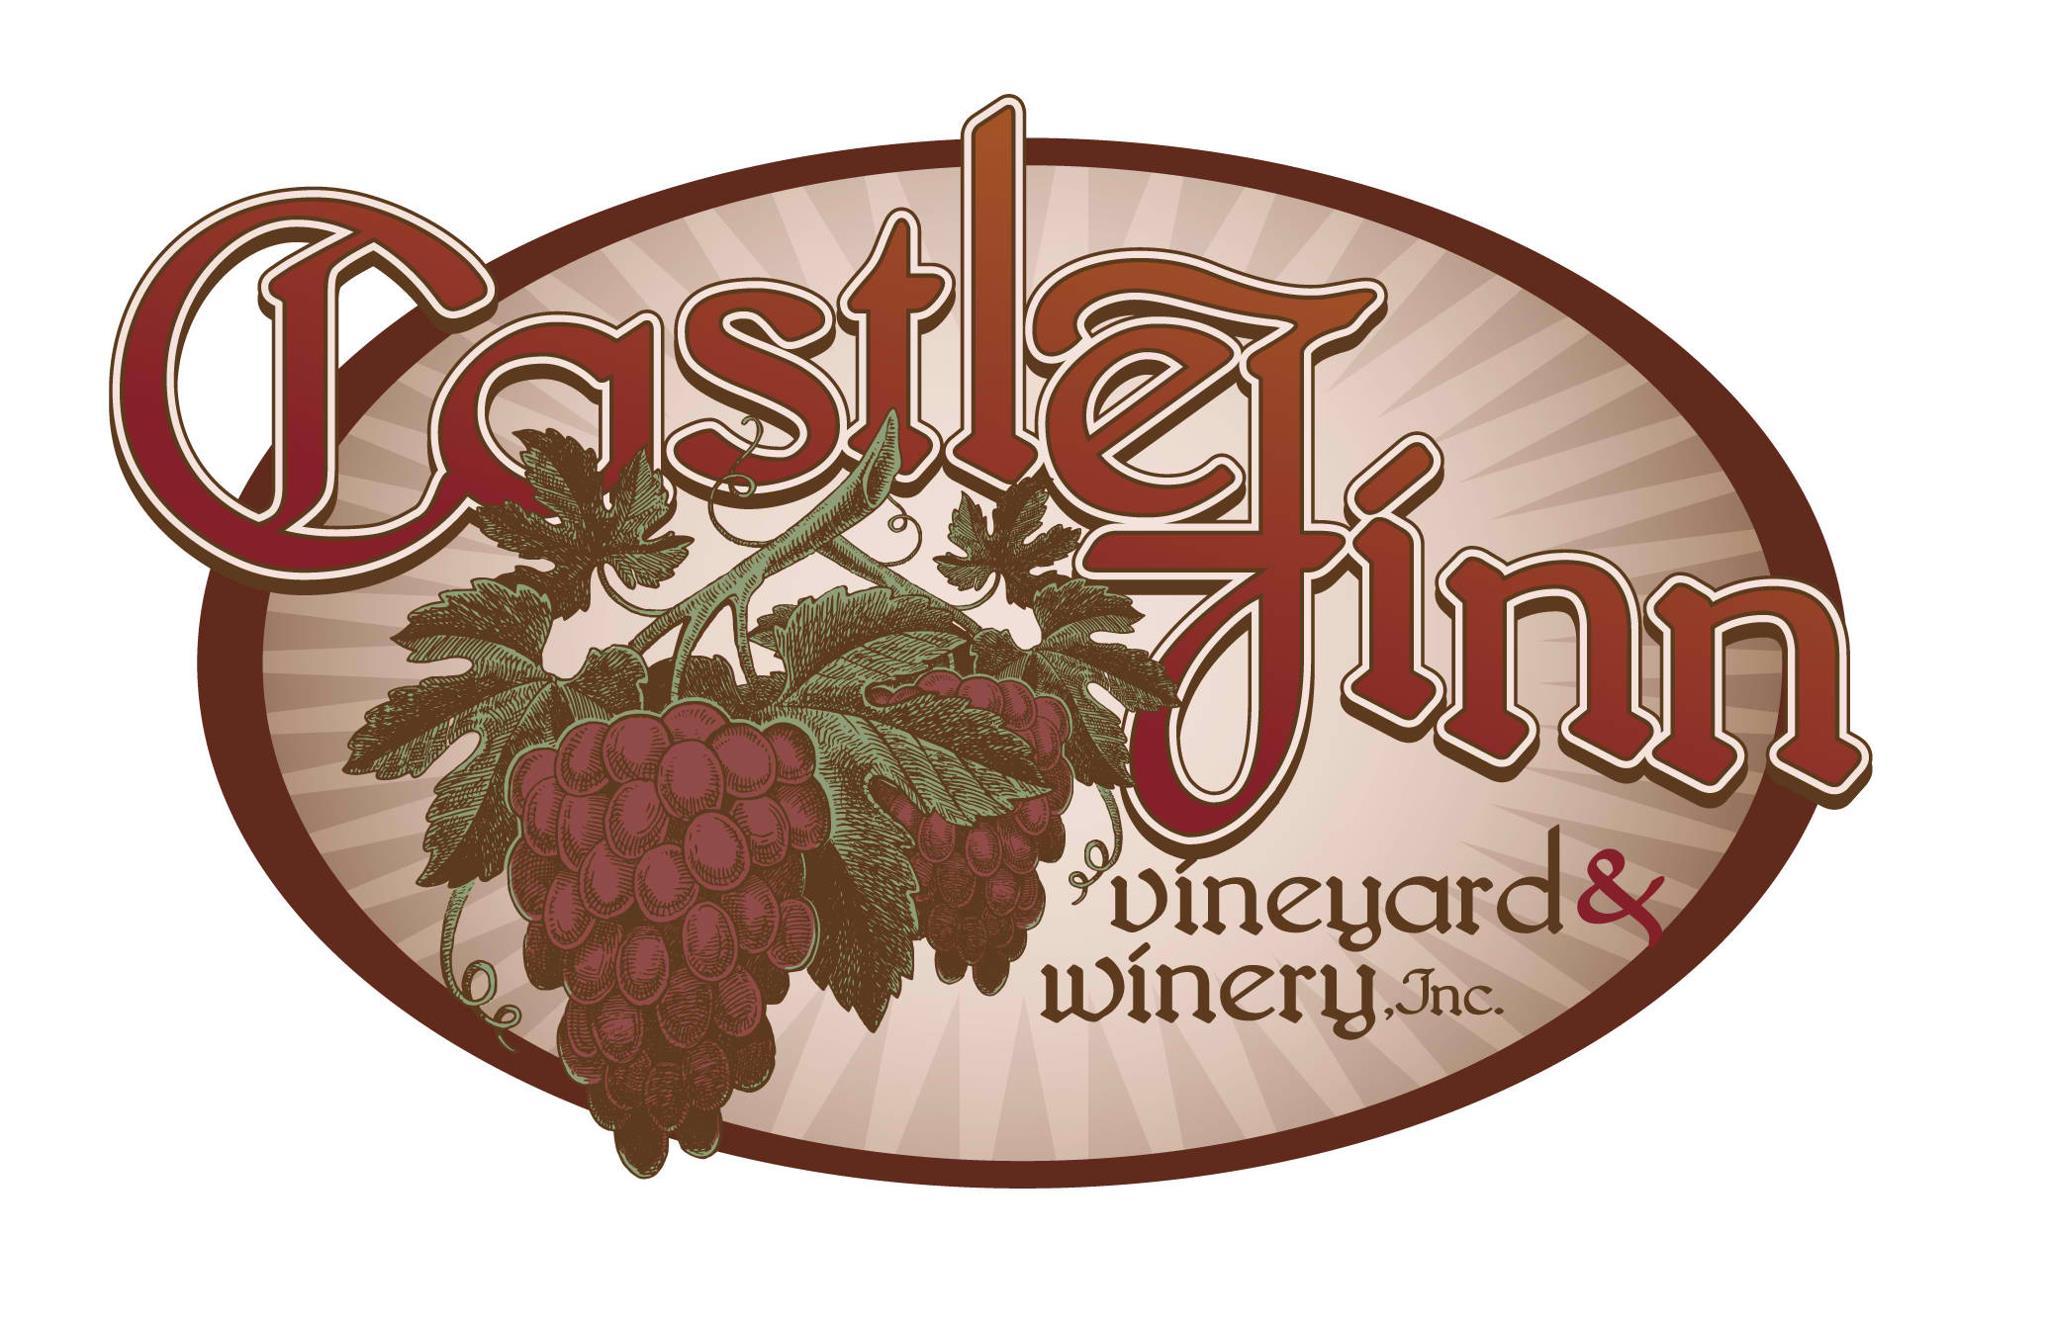 Castle Finn Winery